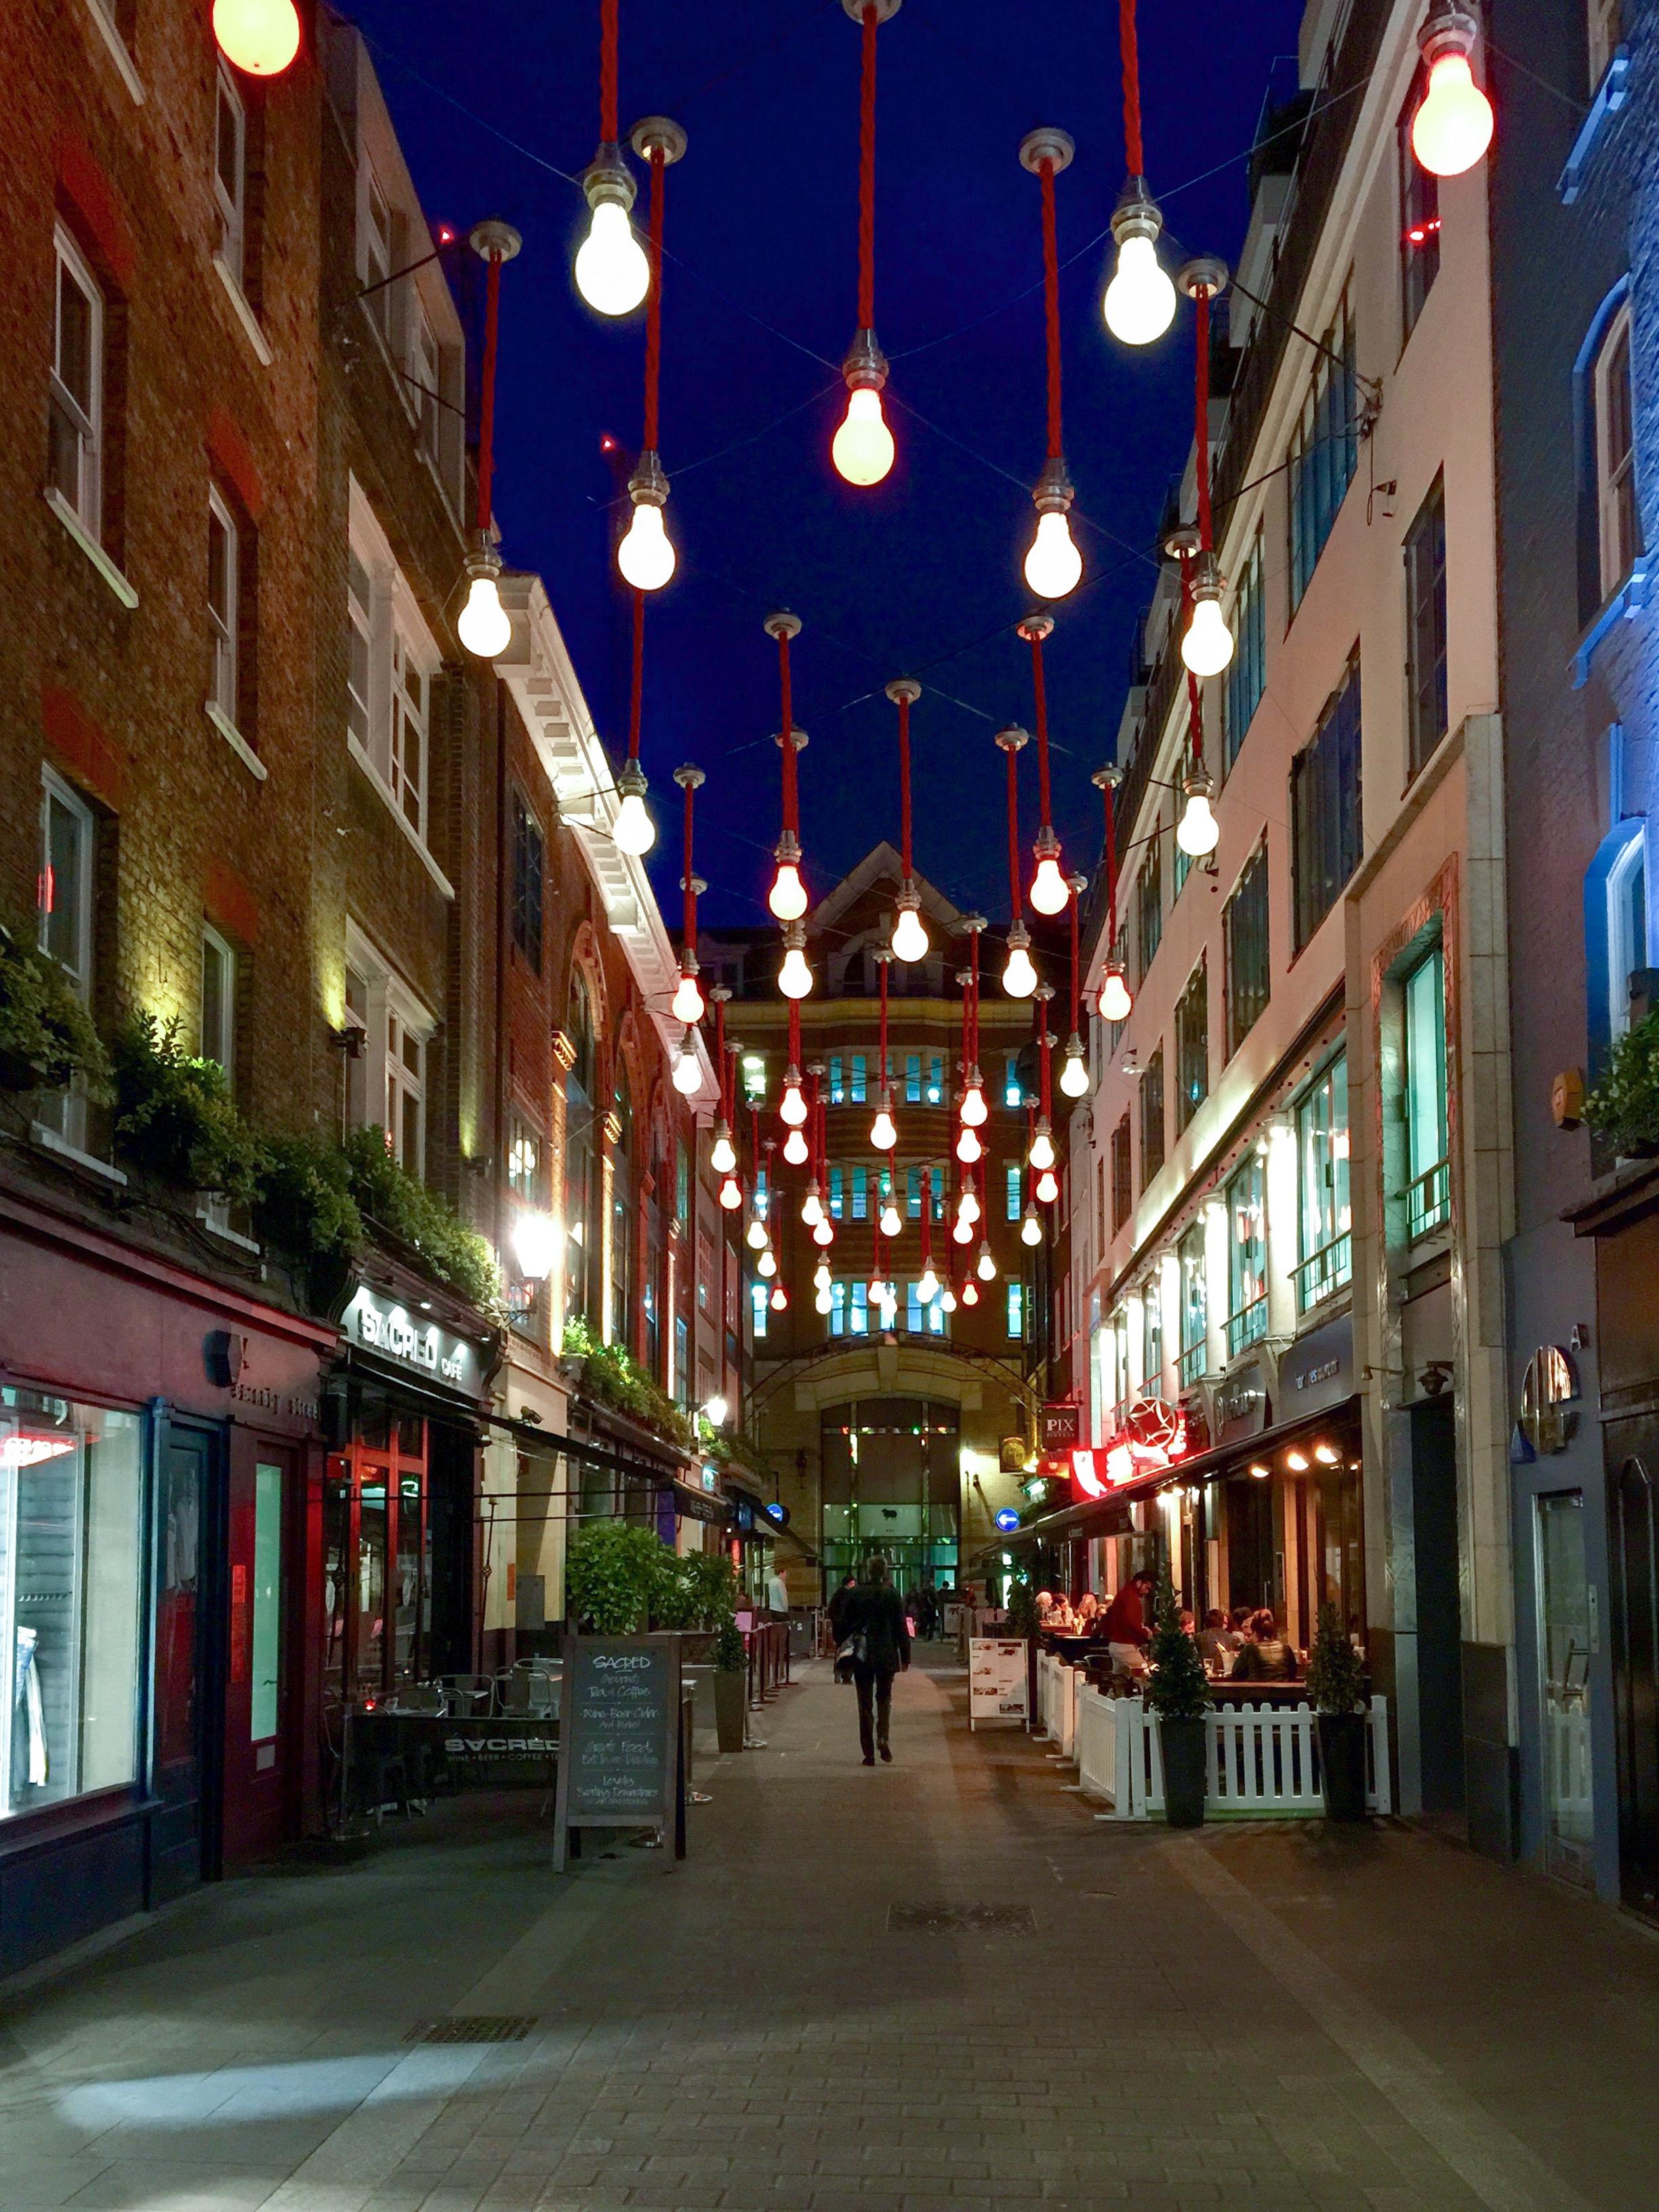 Side street near Carnaby Street proper in London.